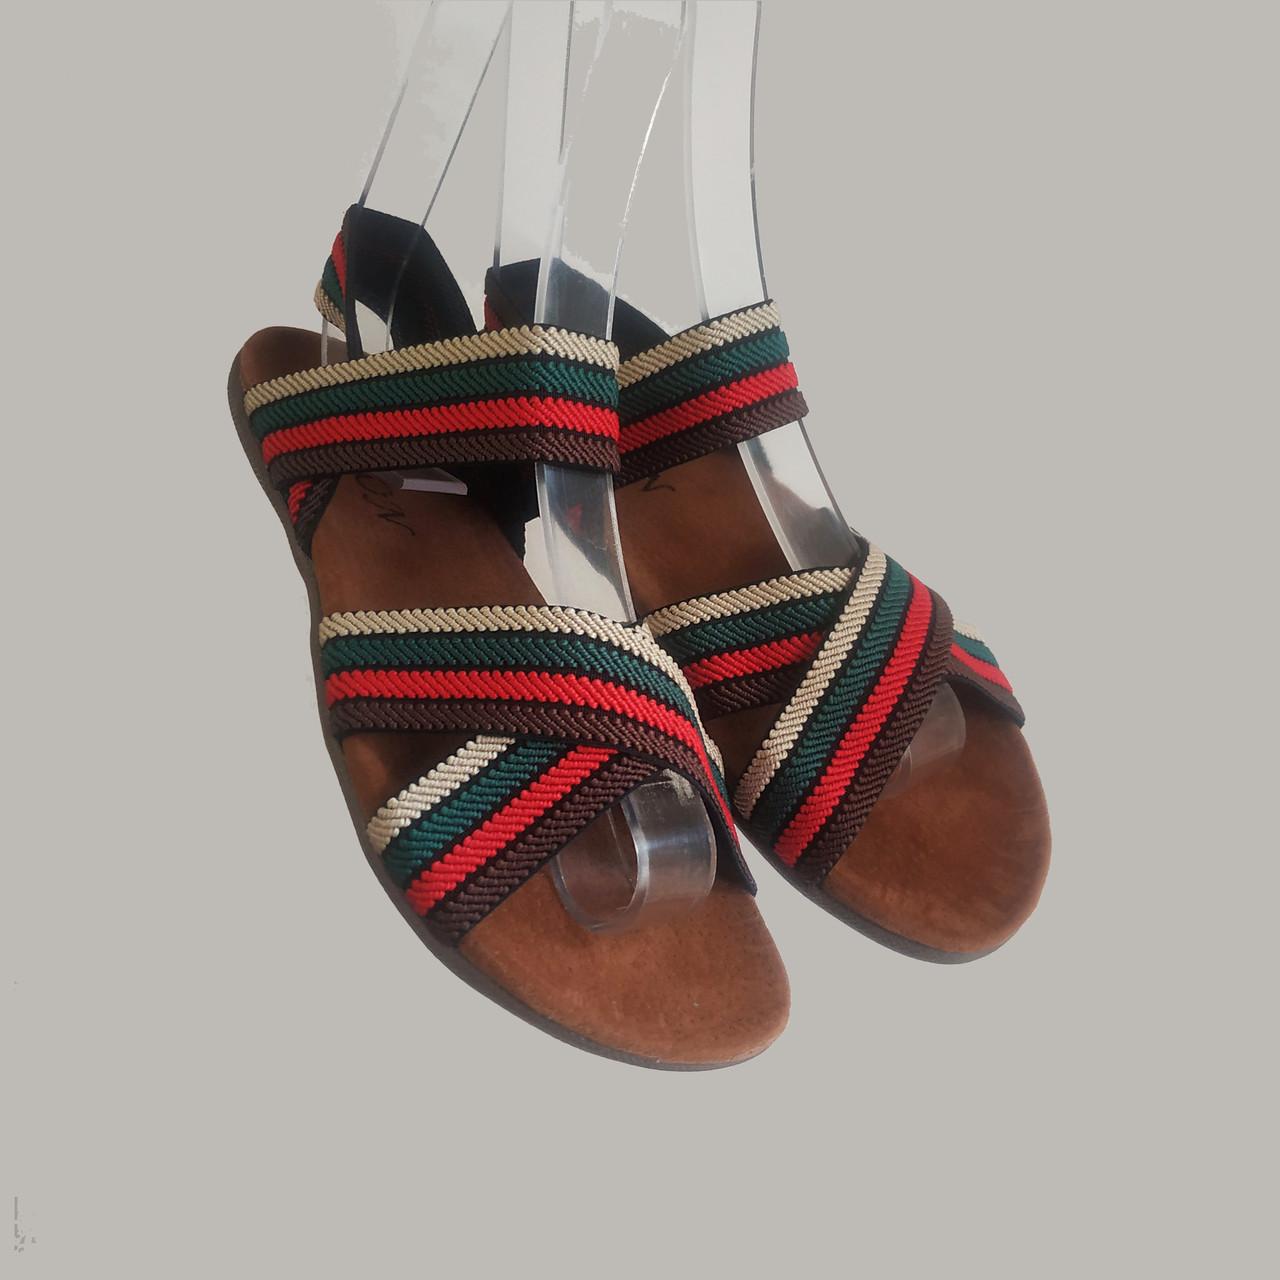 Босоніжки, шльопанці на плоскій підошві широка гумка різні кольори низький каблук